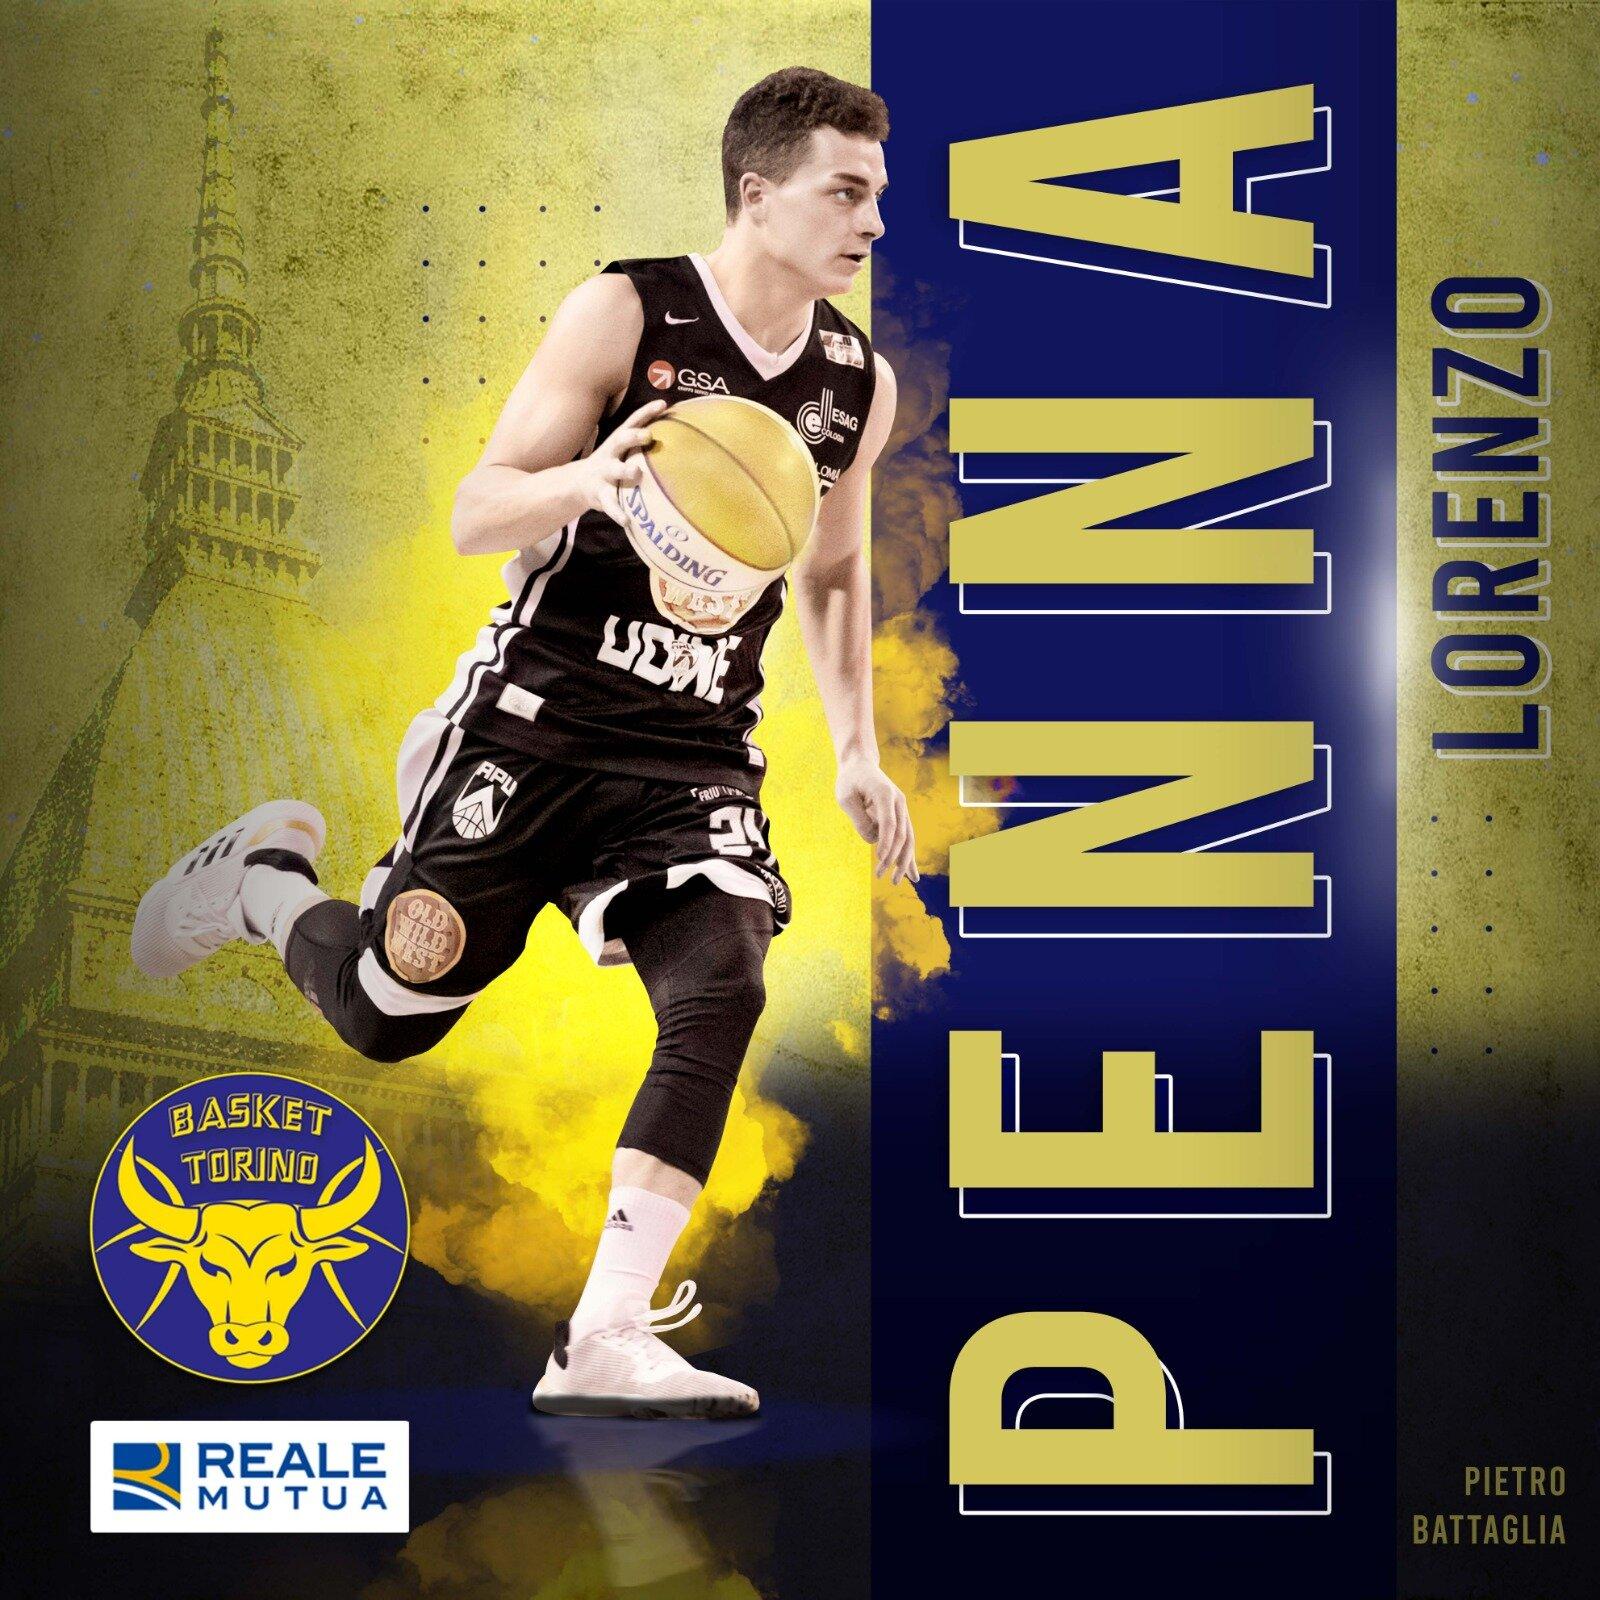 La Reale Mutua Basket Torino annuncia l'accordo con Lorenzo Penna